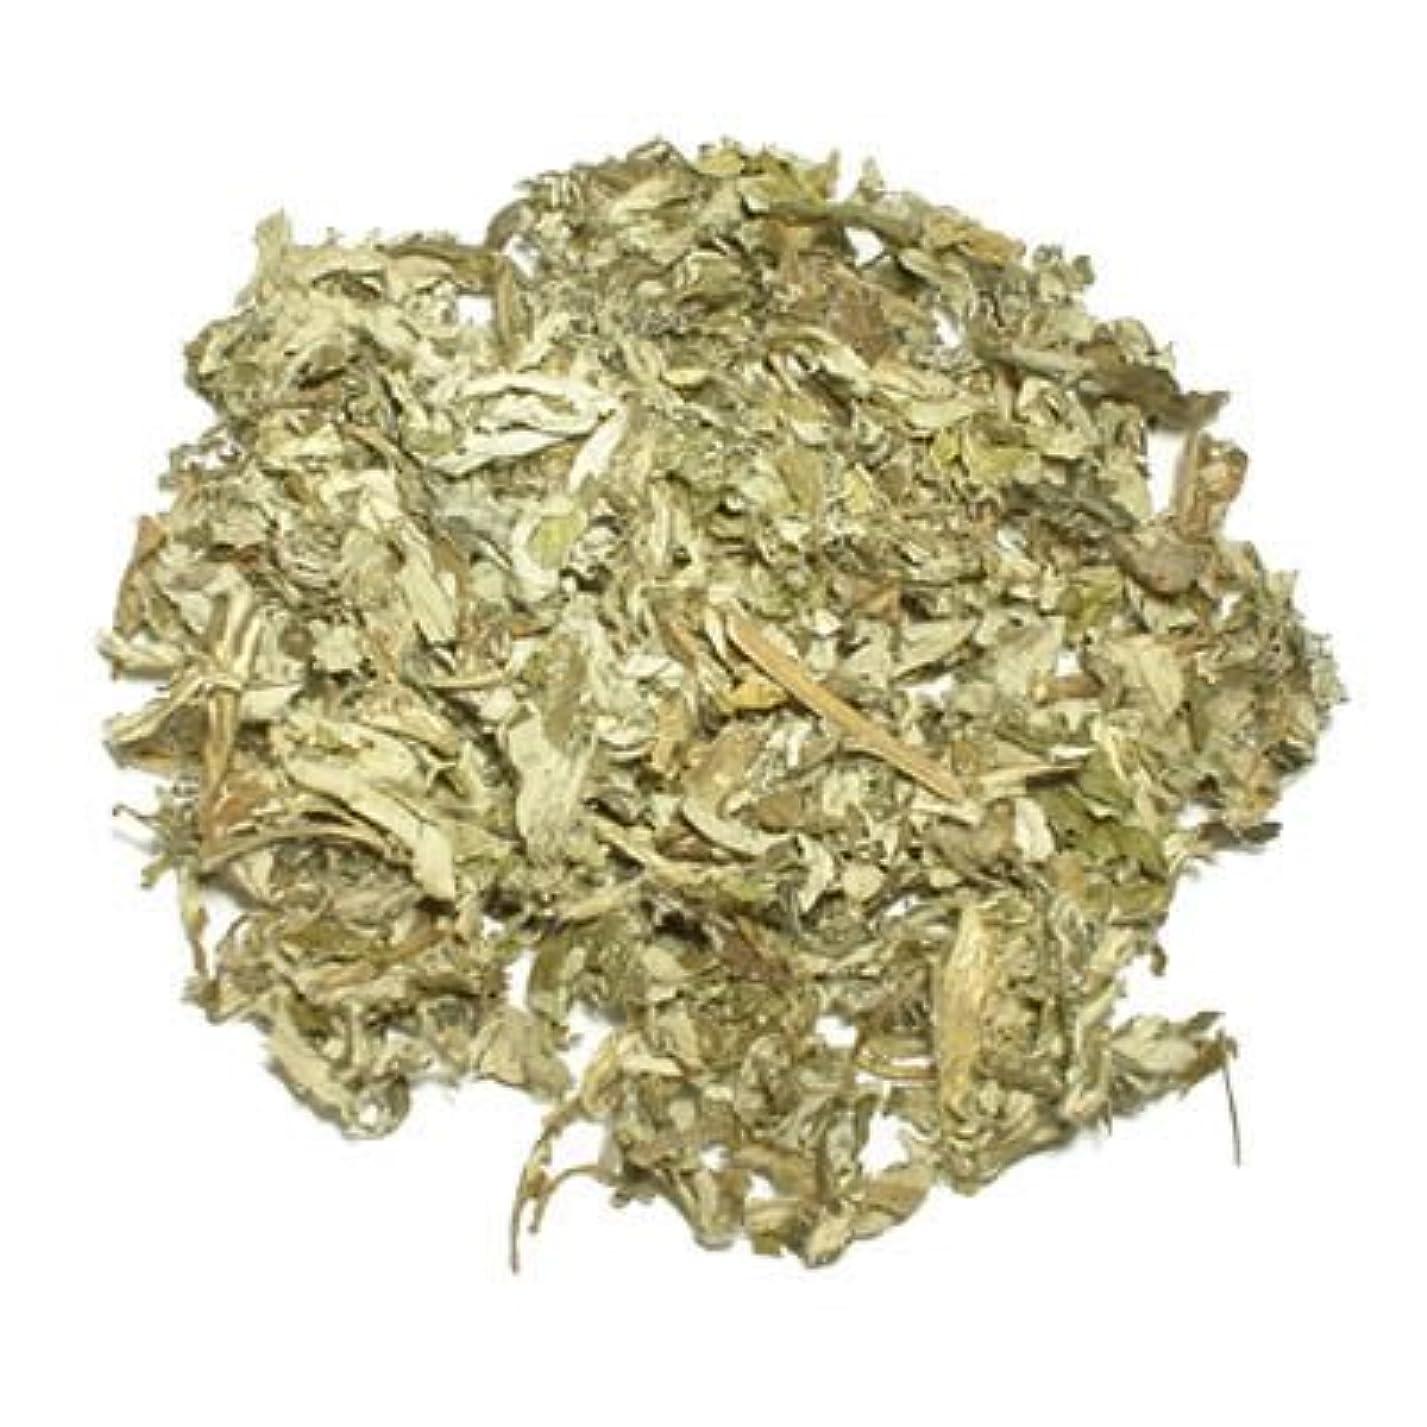 助けになる鉛筆ストレスの多いヨモギ業務用 500g 蓬茶 本場韓国産ヨモギ 葉(地上部 主に葉)100% 乾燥よもぎ茶 よもぎ風呂 ヨモギ蒸し